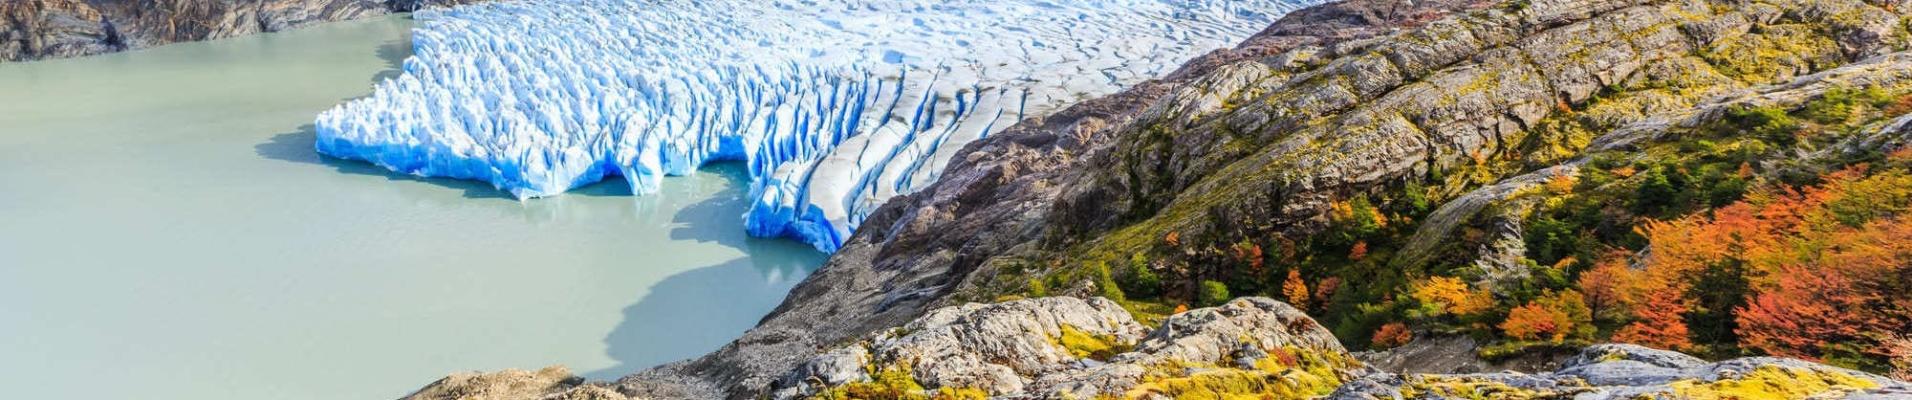 Parc National de Torres Del Paine, Chili. Découvrez les plus belles régions du Chili.